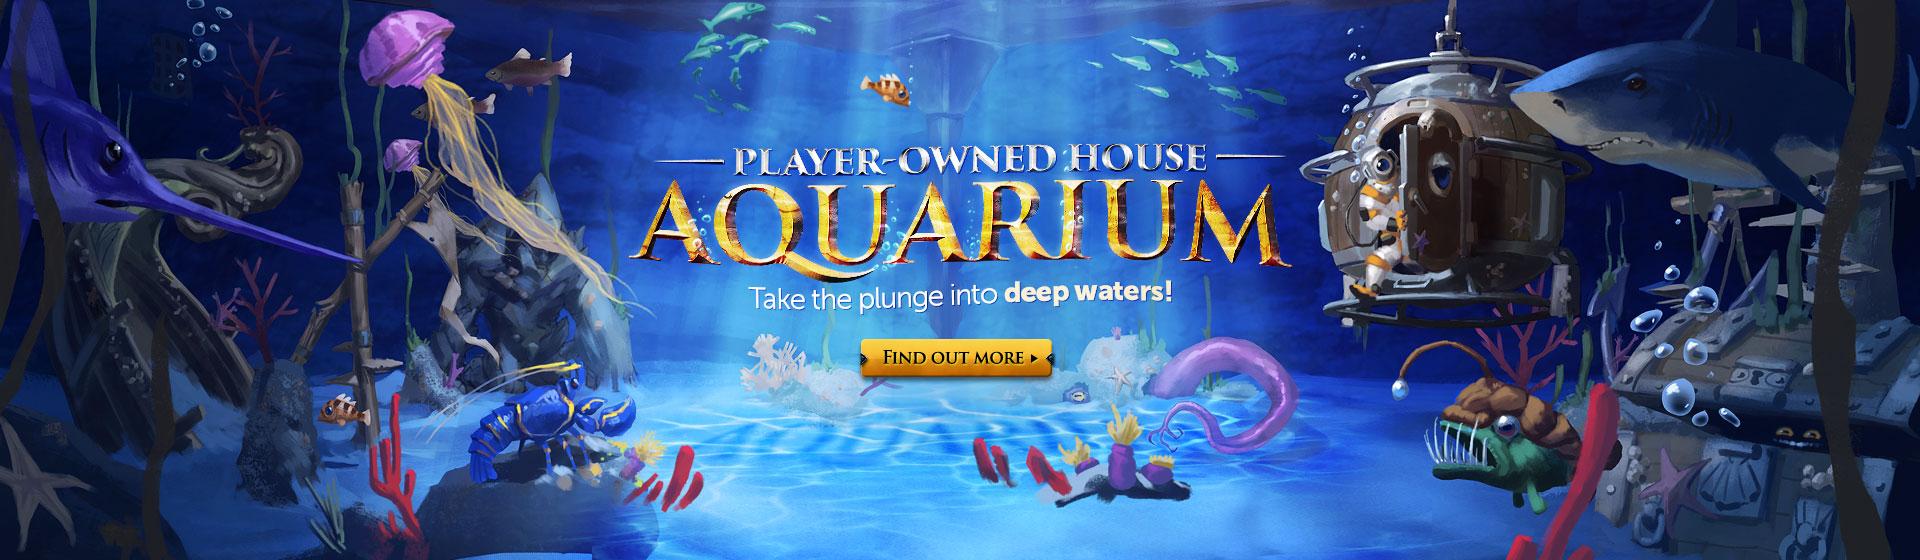 Fish in aquarium runescape - Full Resolution